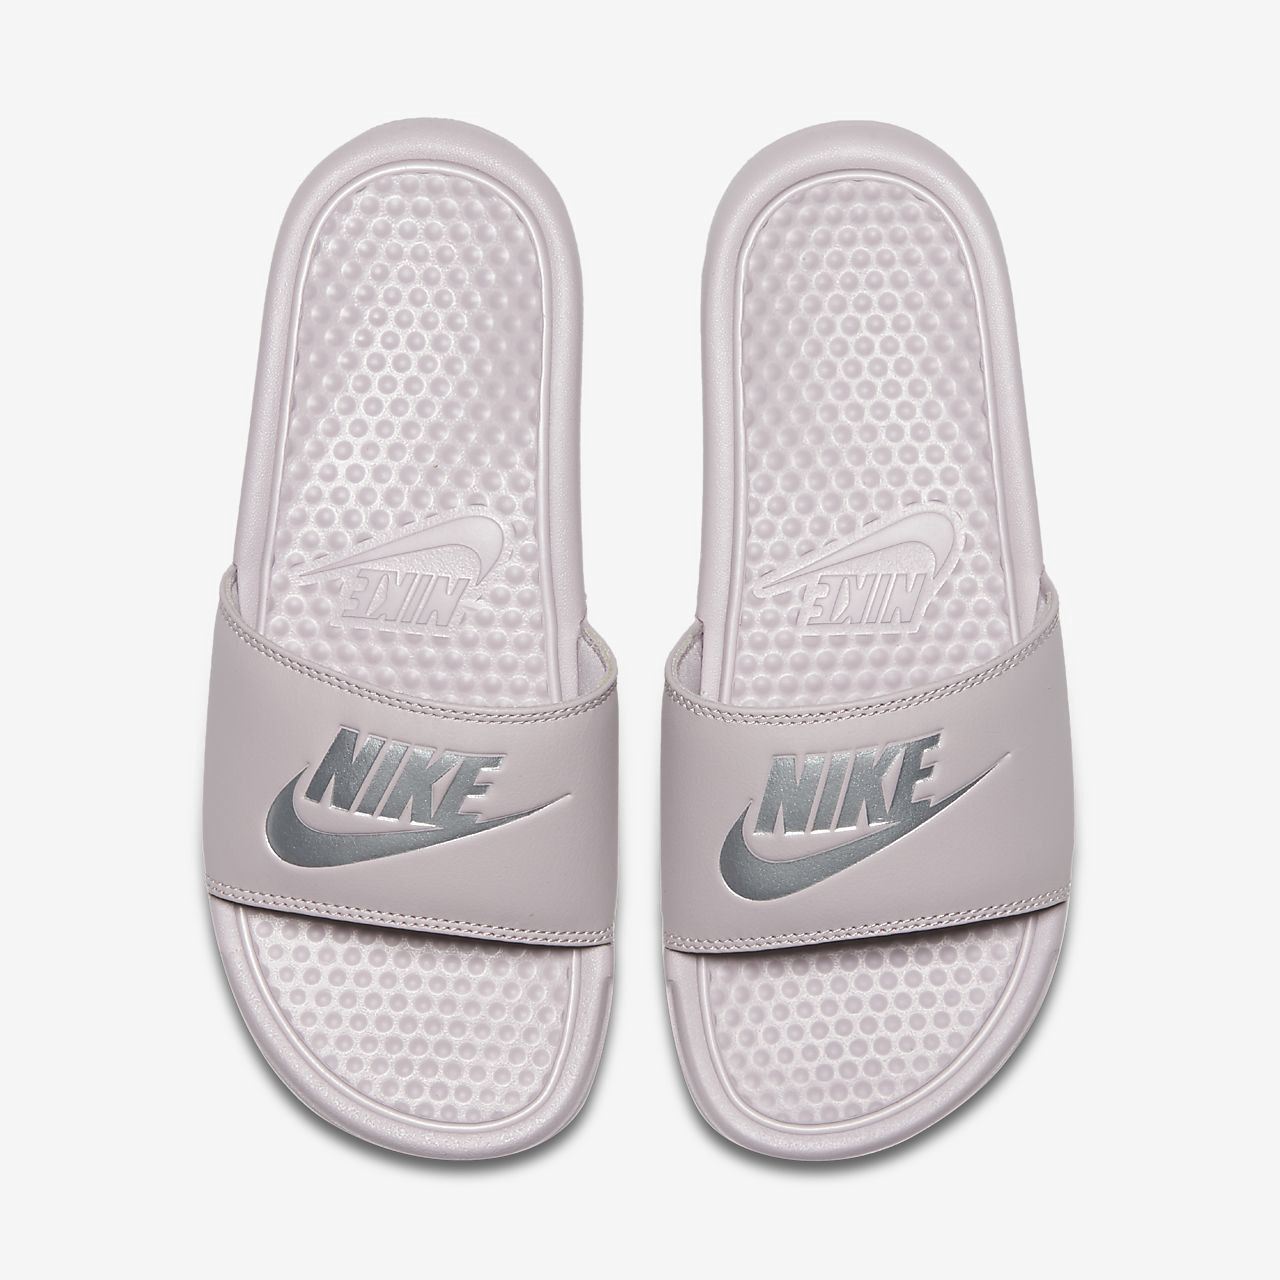 0fa4b1f86 Nike Benassi Women s Slide by Nike